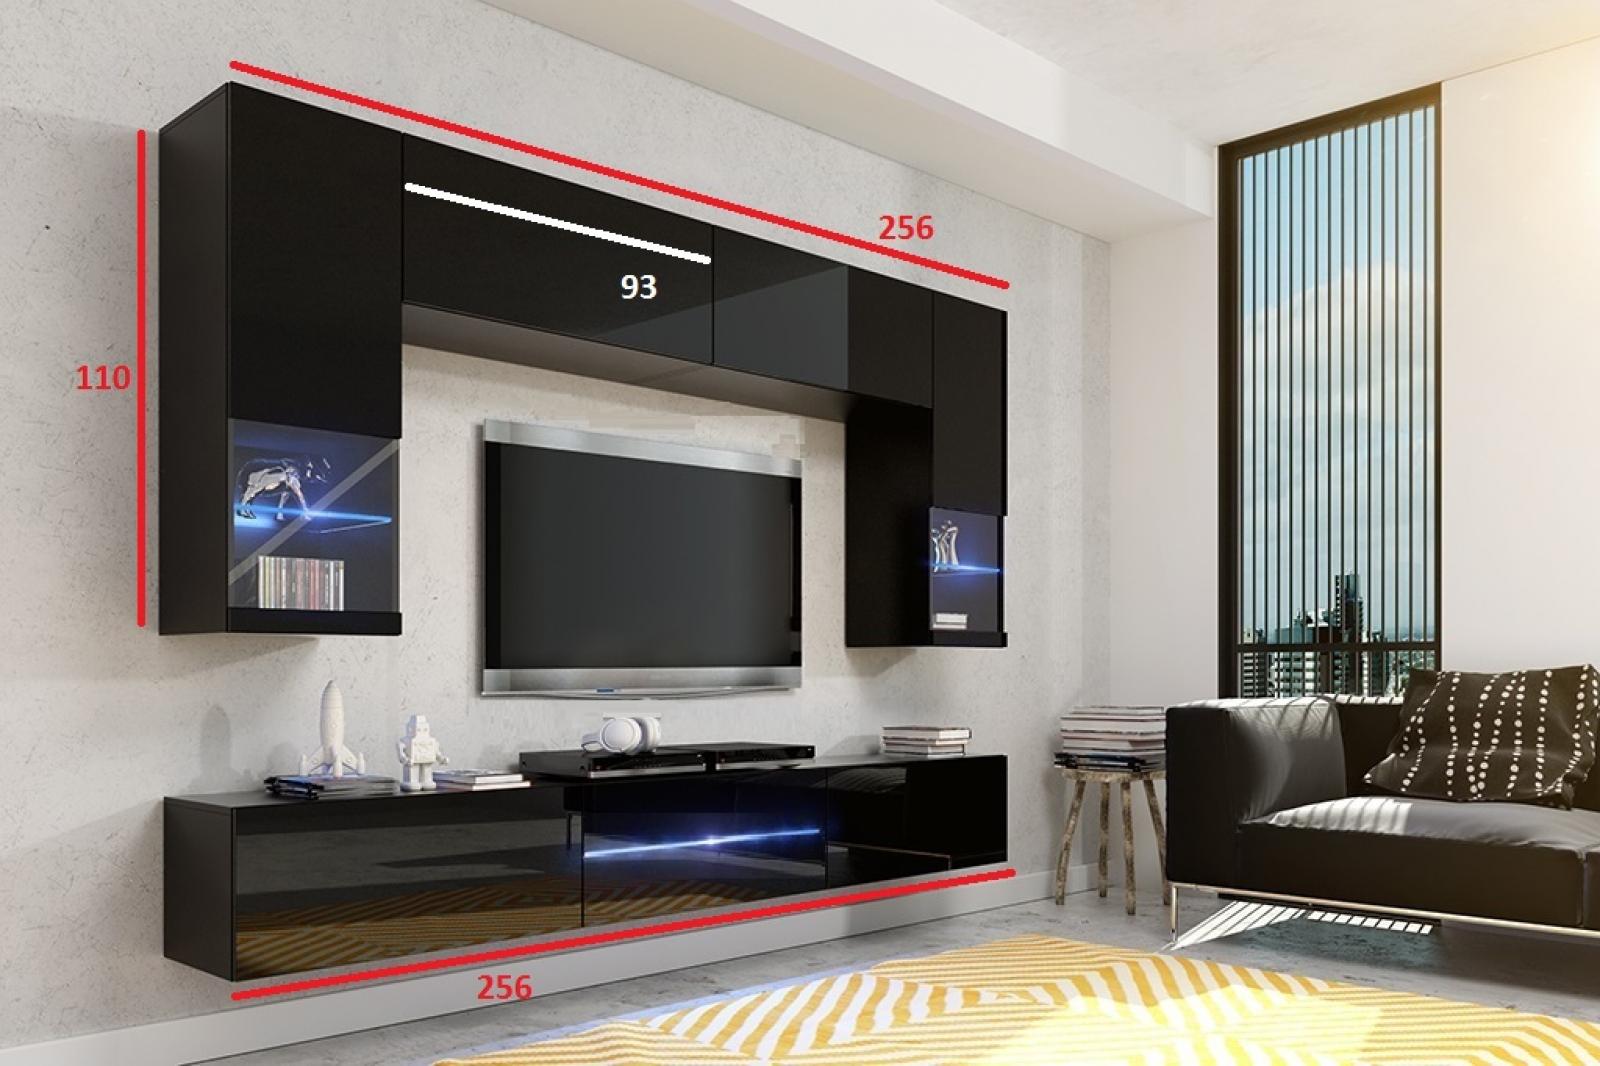 Kaufexpert wohnwand milano schwarz hochglanz 256 cm for Wohnwand modern schwarz